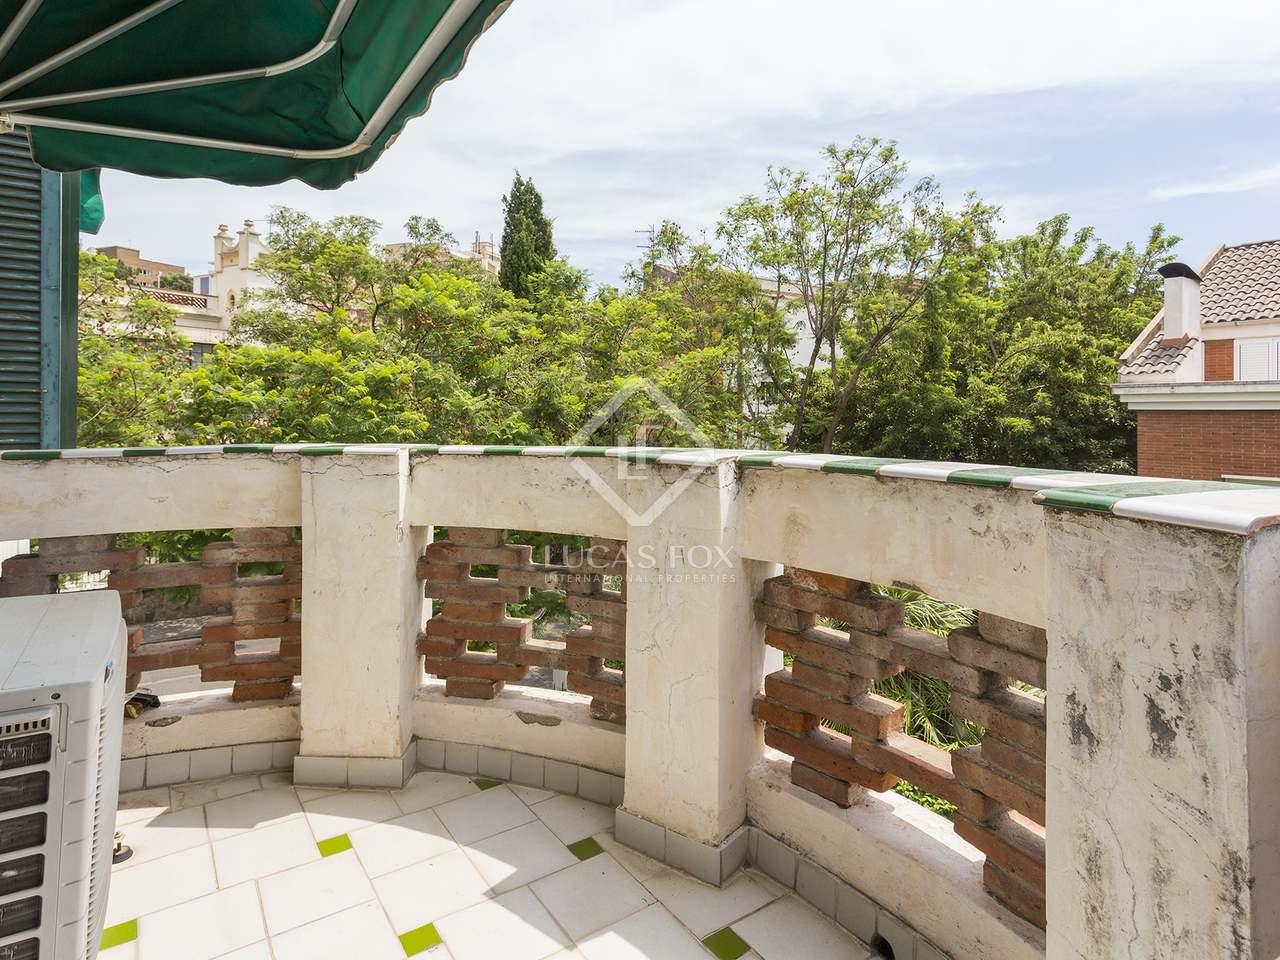 190m haus villa mit 187m garten zum verkauf in sant just. Black Bedroom Furniture Sets. Home Design Ideas